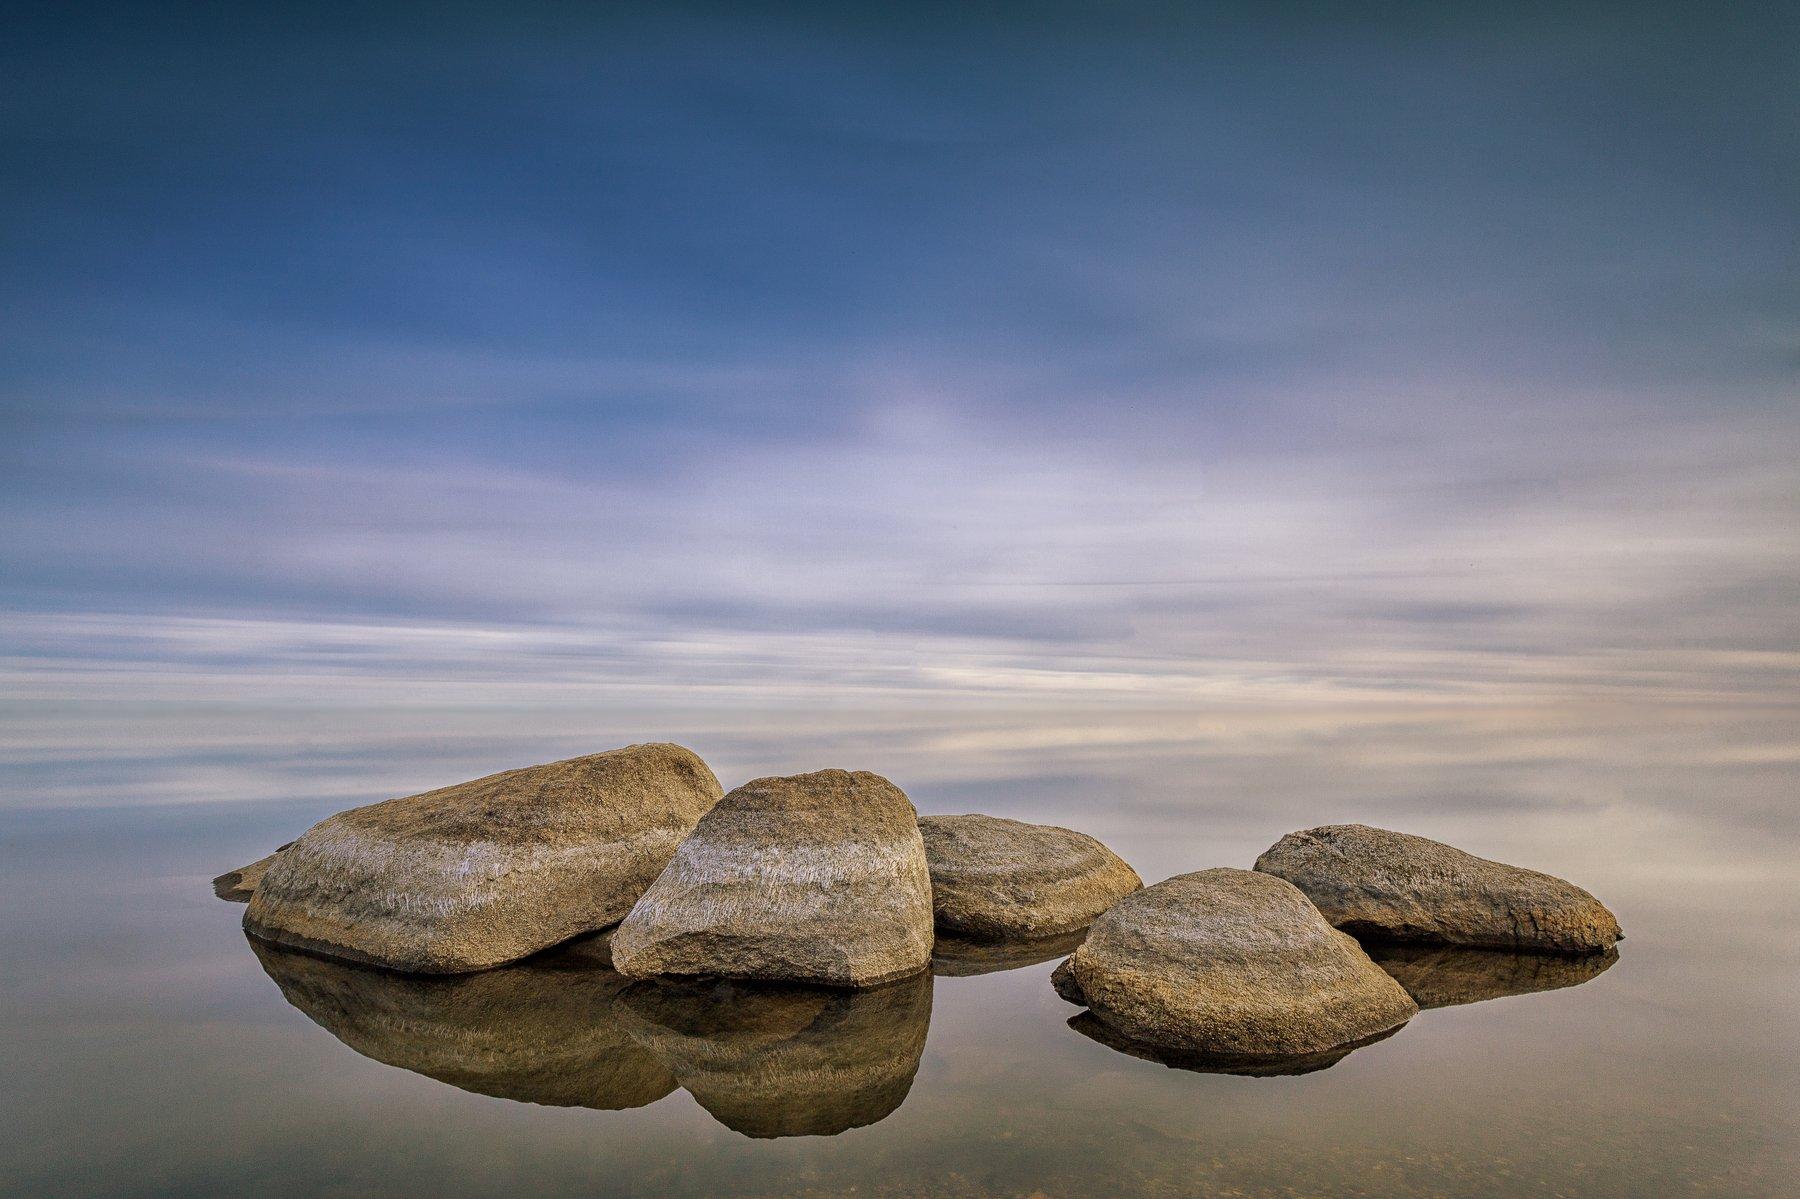 тишина, штиль, закат, камни, вода, озеро, Данил Ромодин